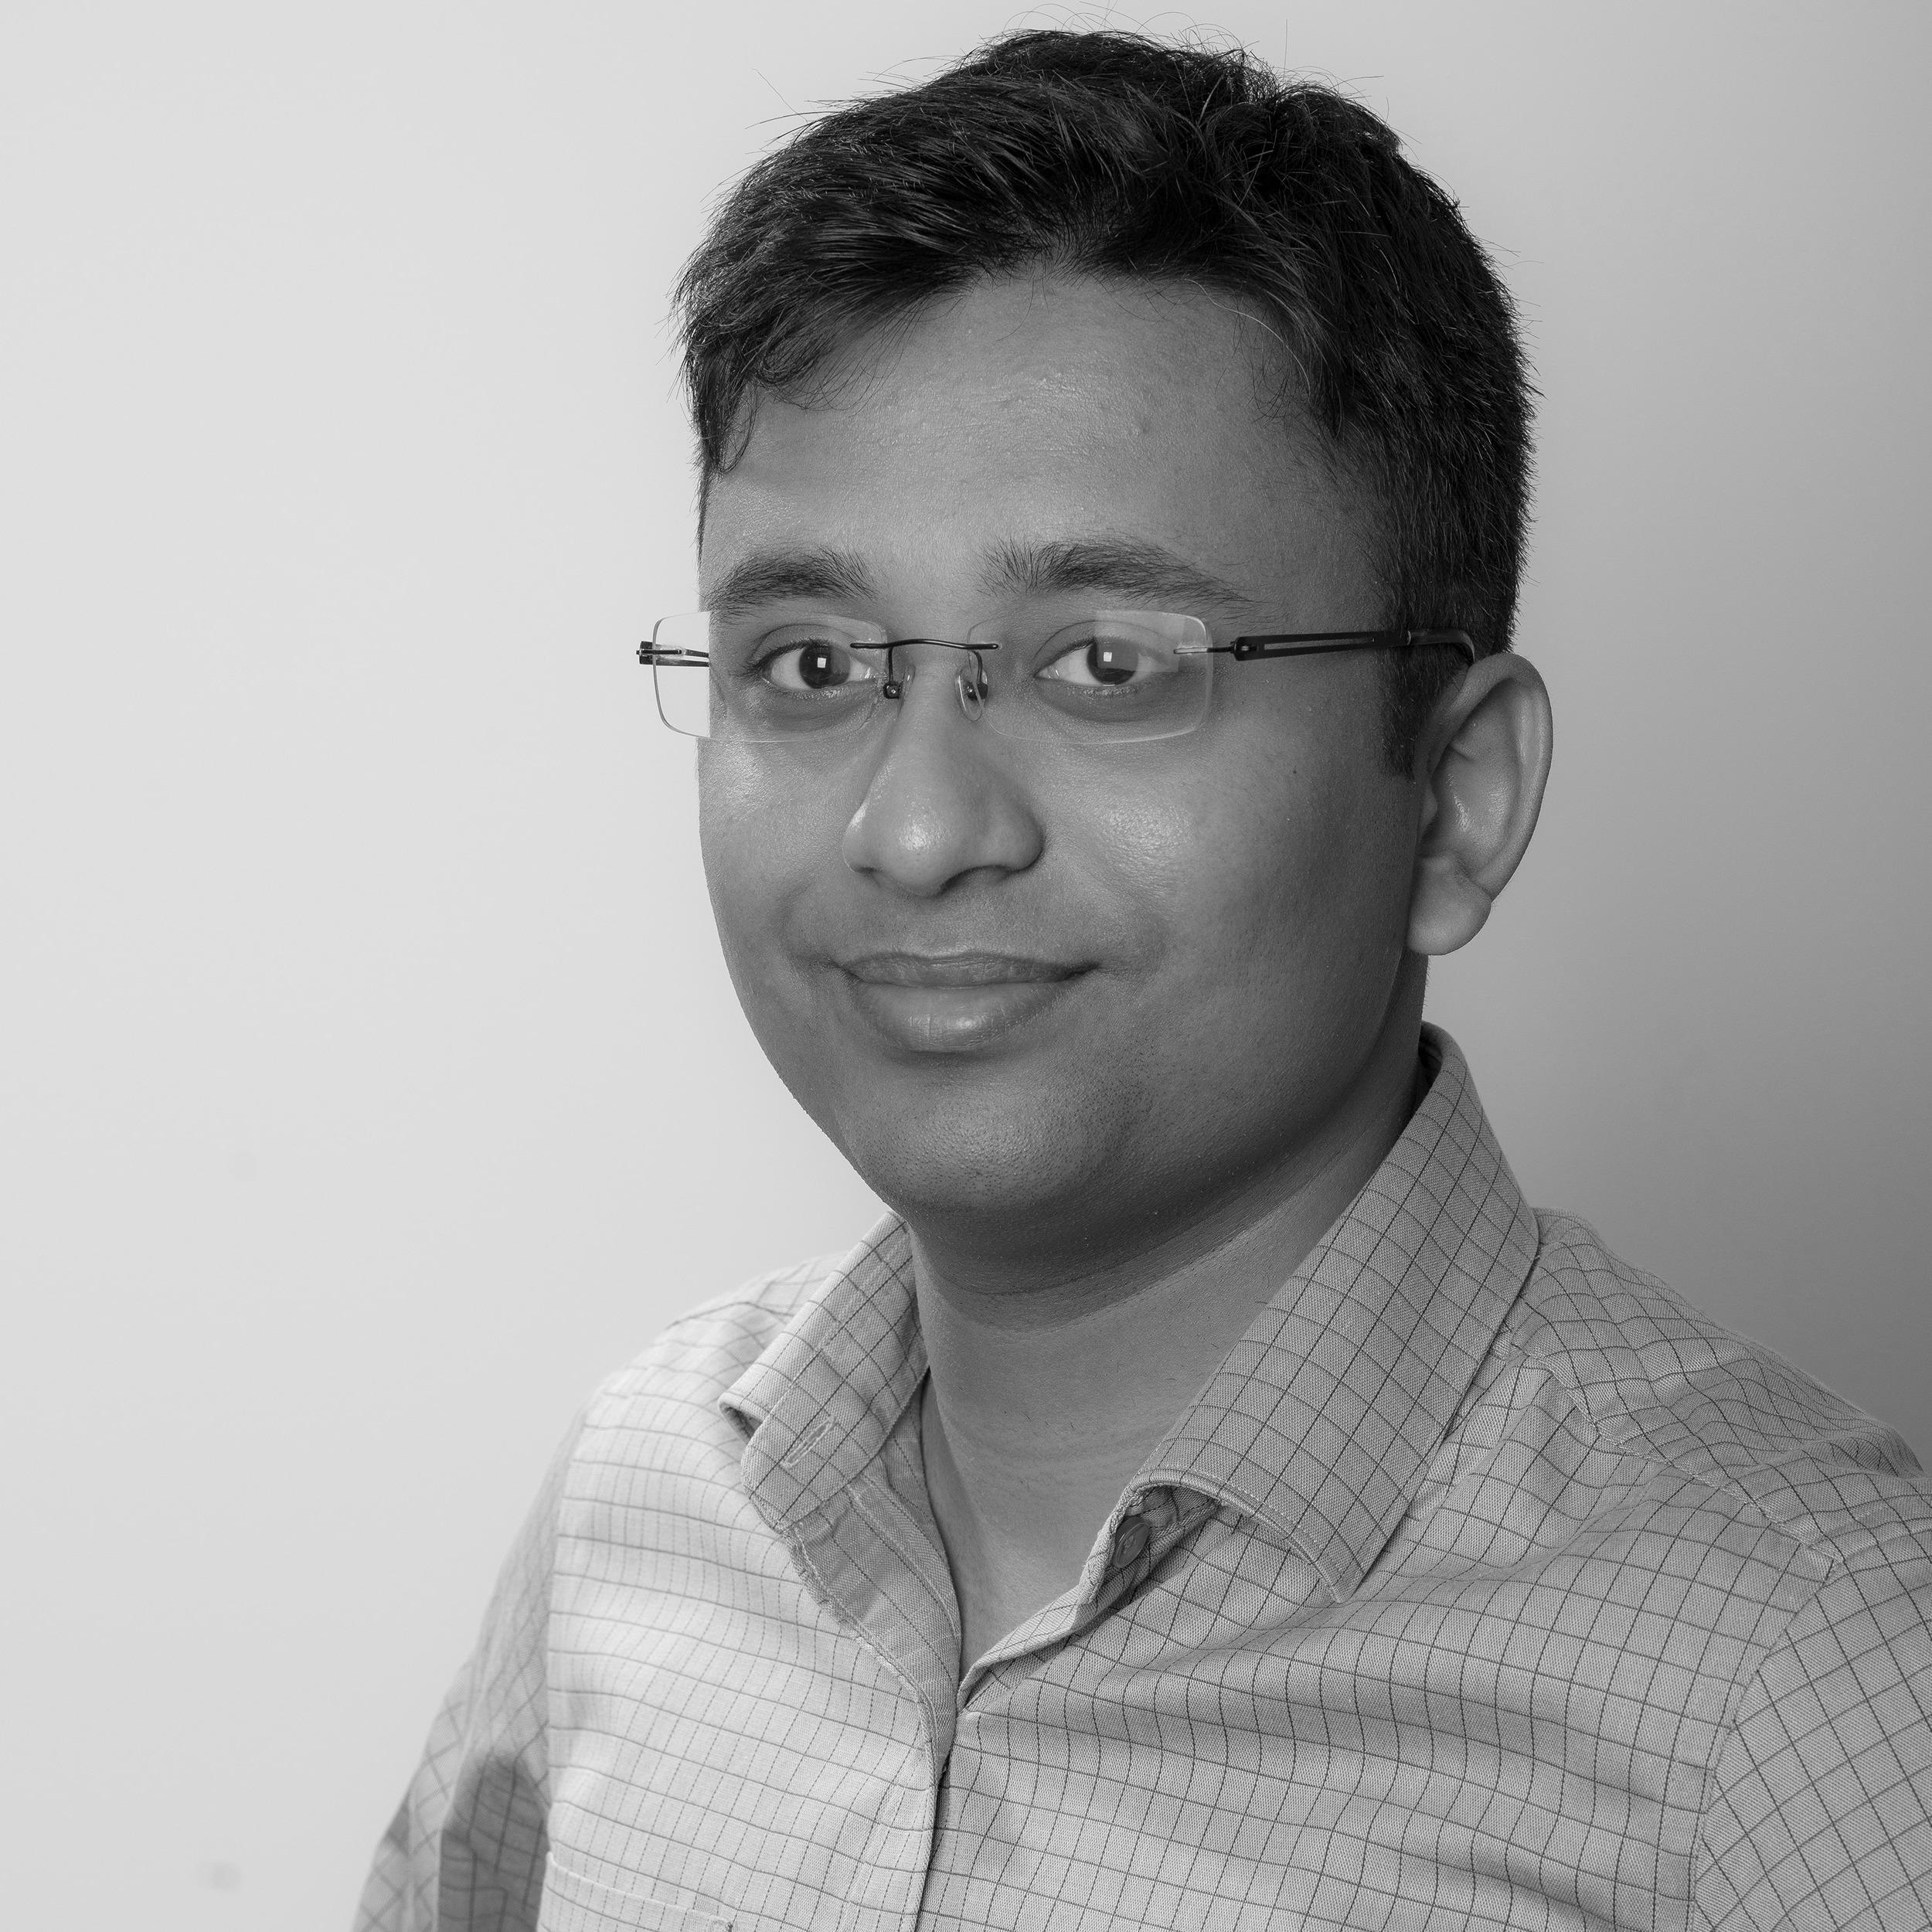 Dhruv Garg